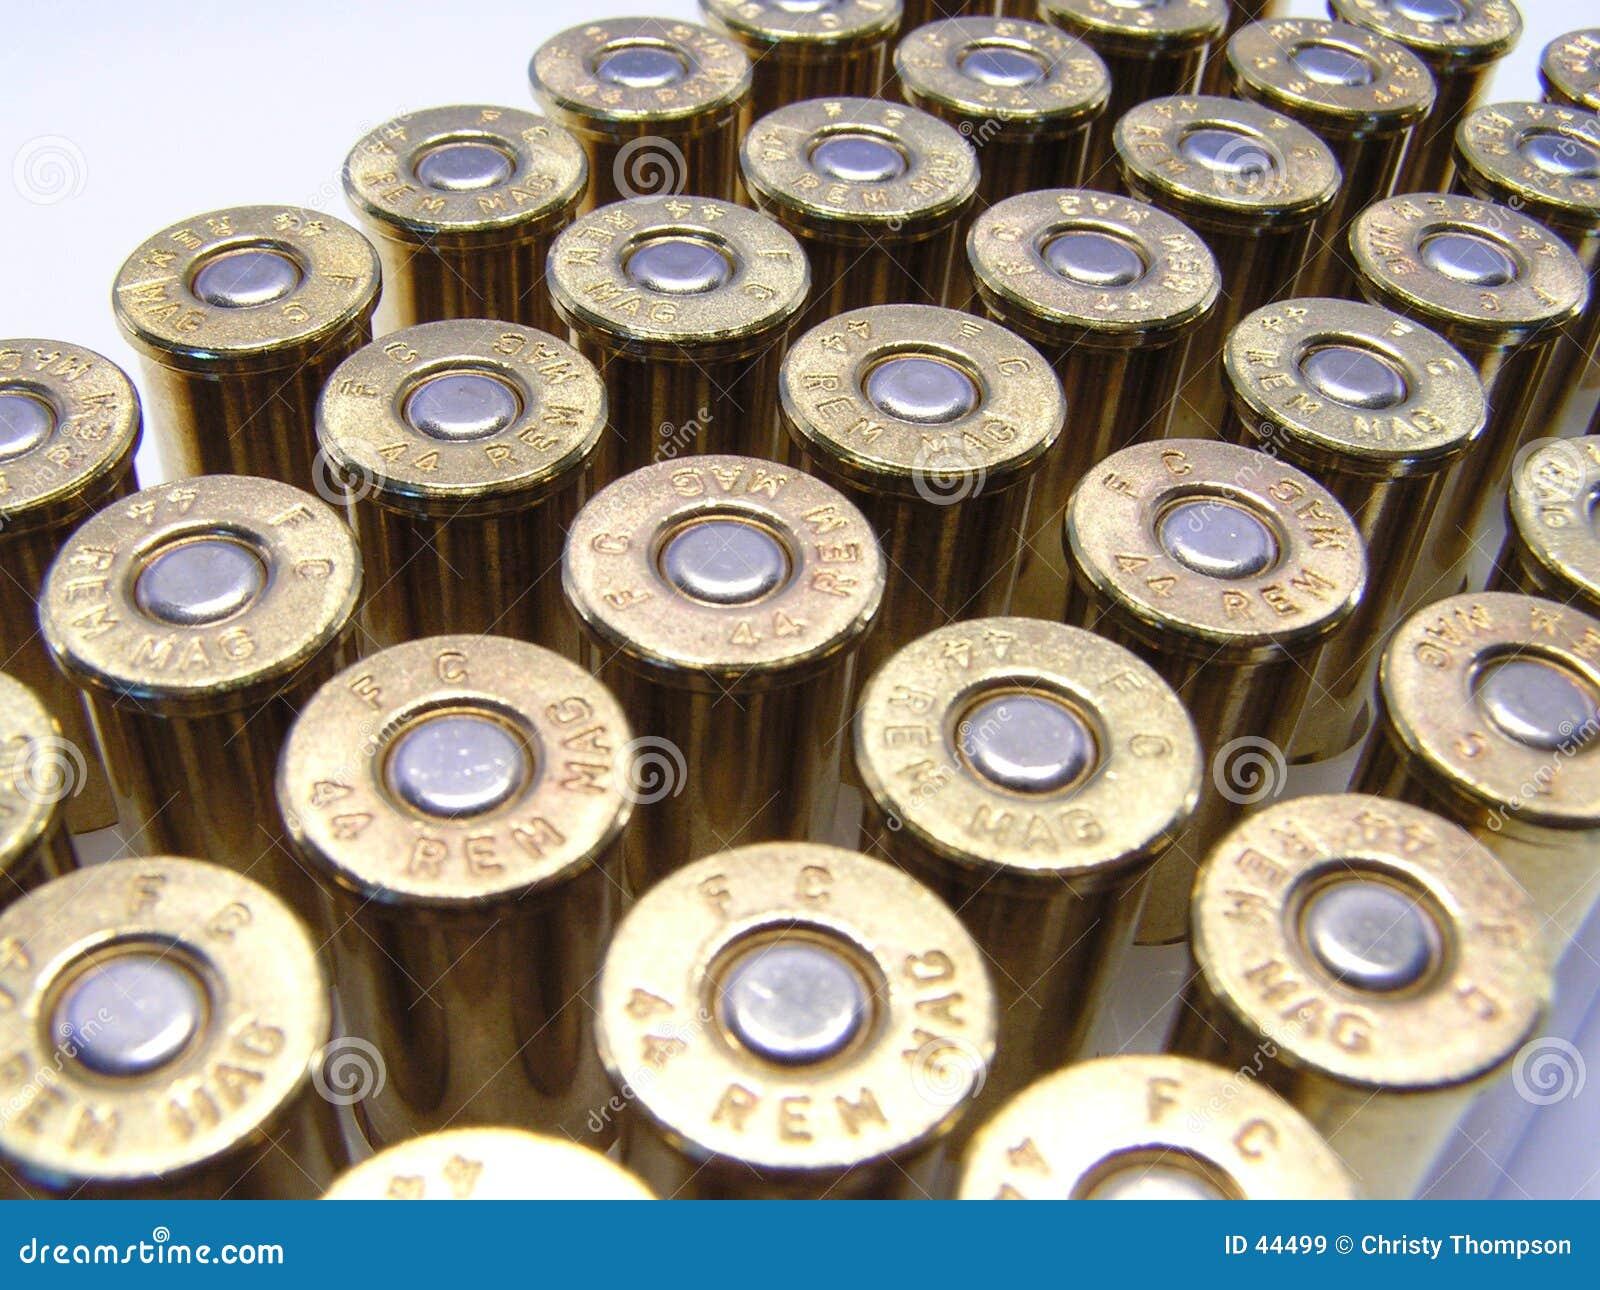 Download 50 Möglichkeiten? stockbild. Bild von gewehrkugel, gehäuse - 44499